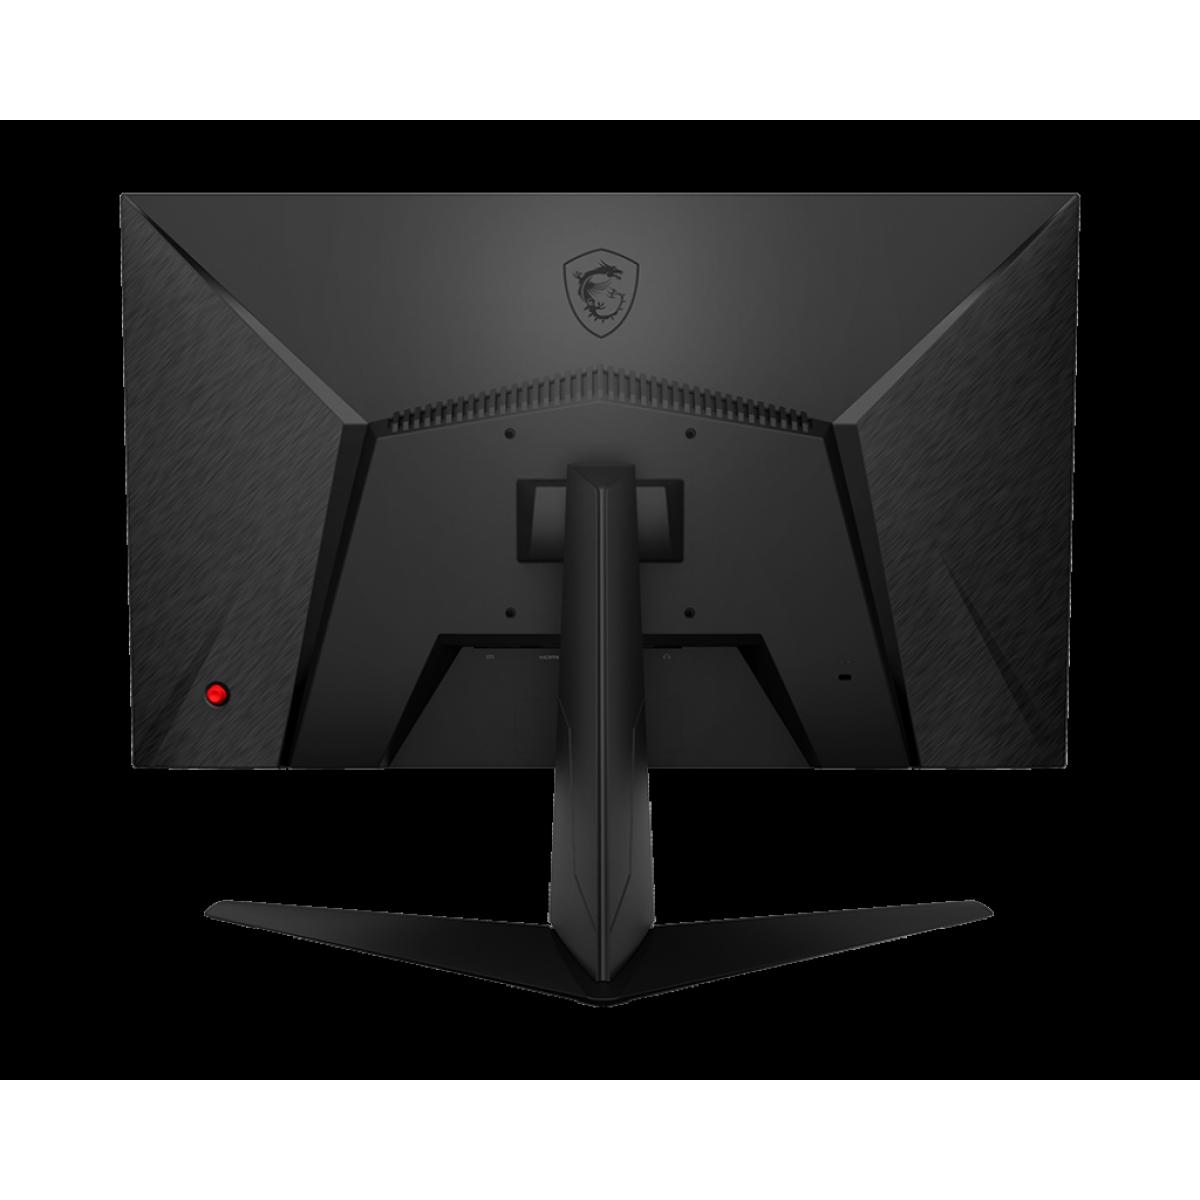 Monitor Gamer MSI Optix, 24 Pol, FullHD, IPS, HDMI/DP, G241V